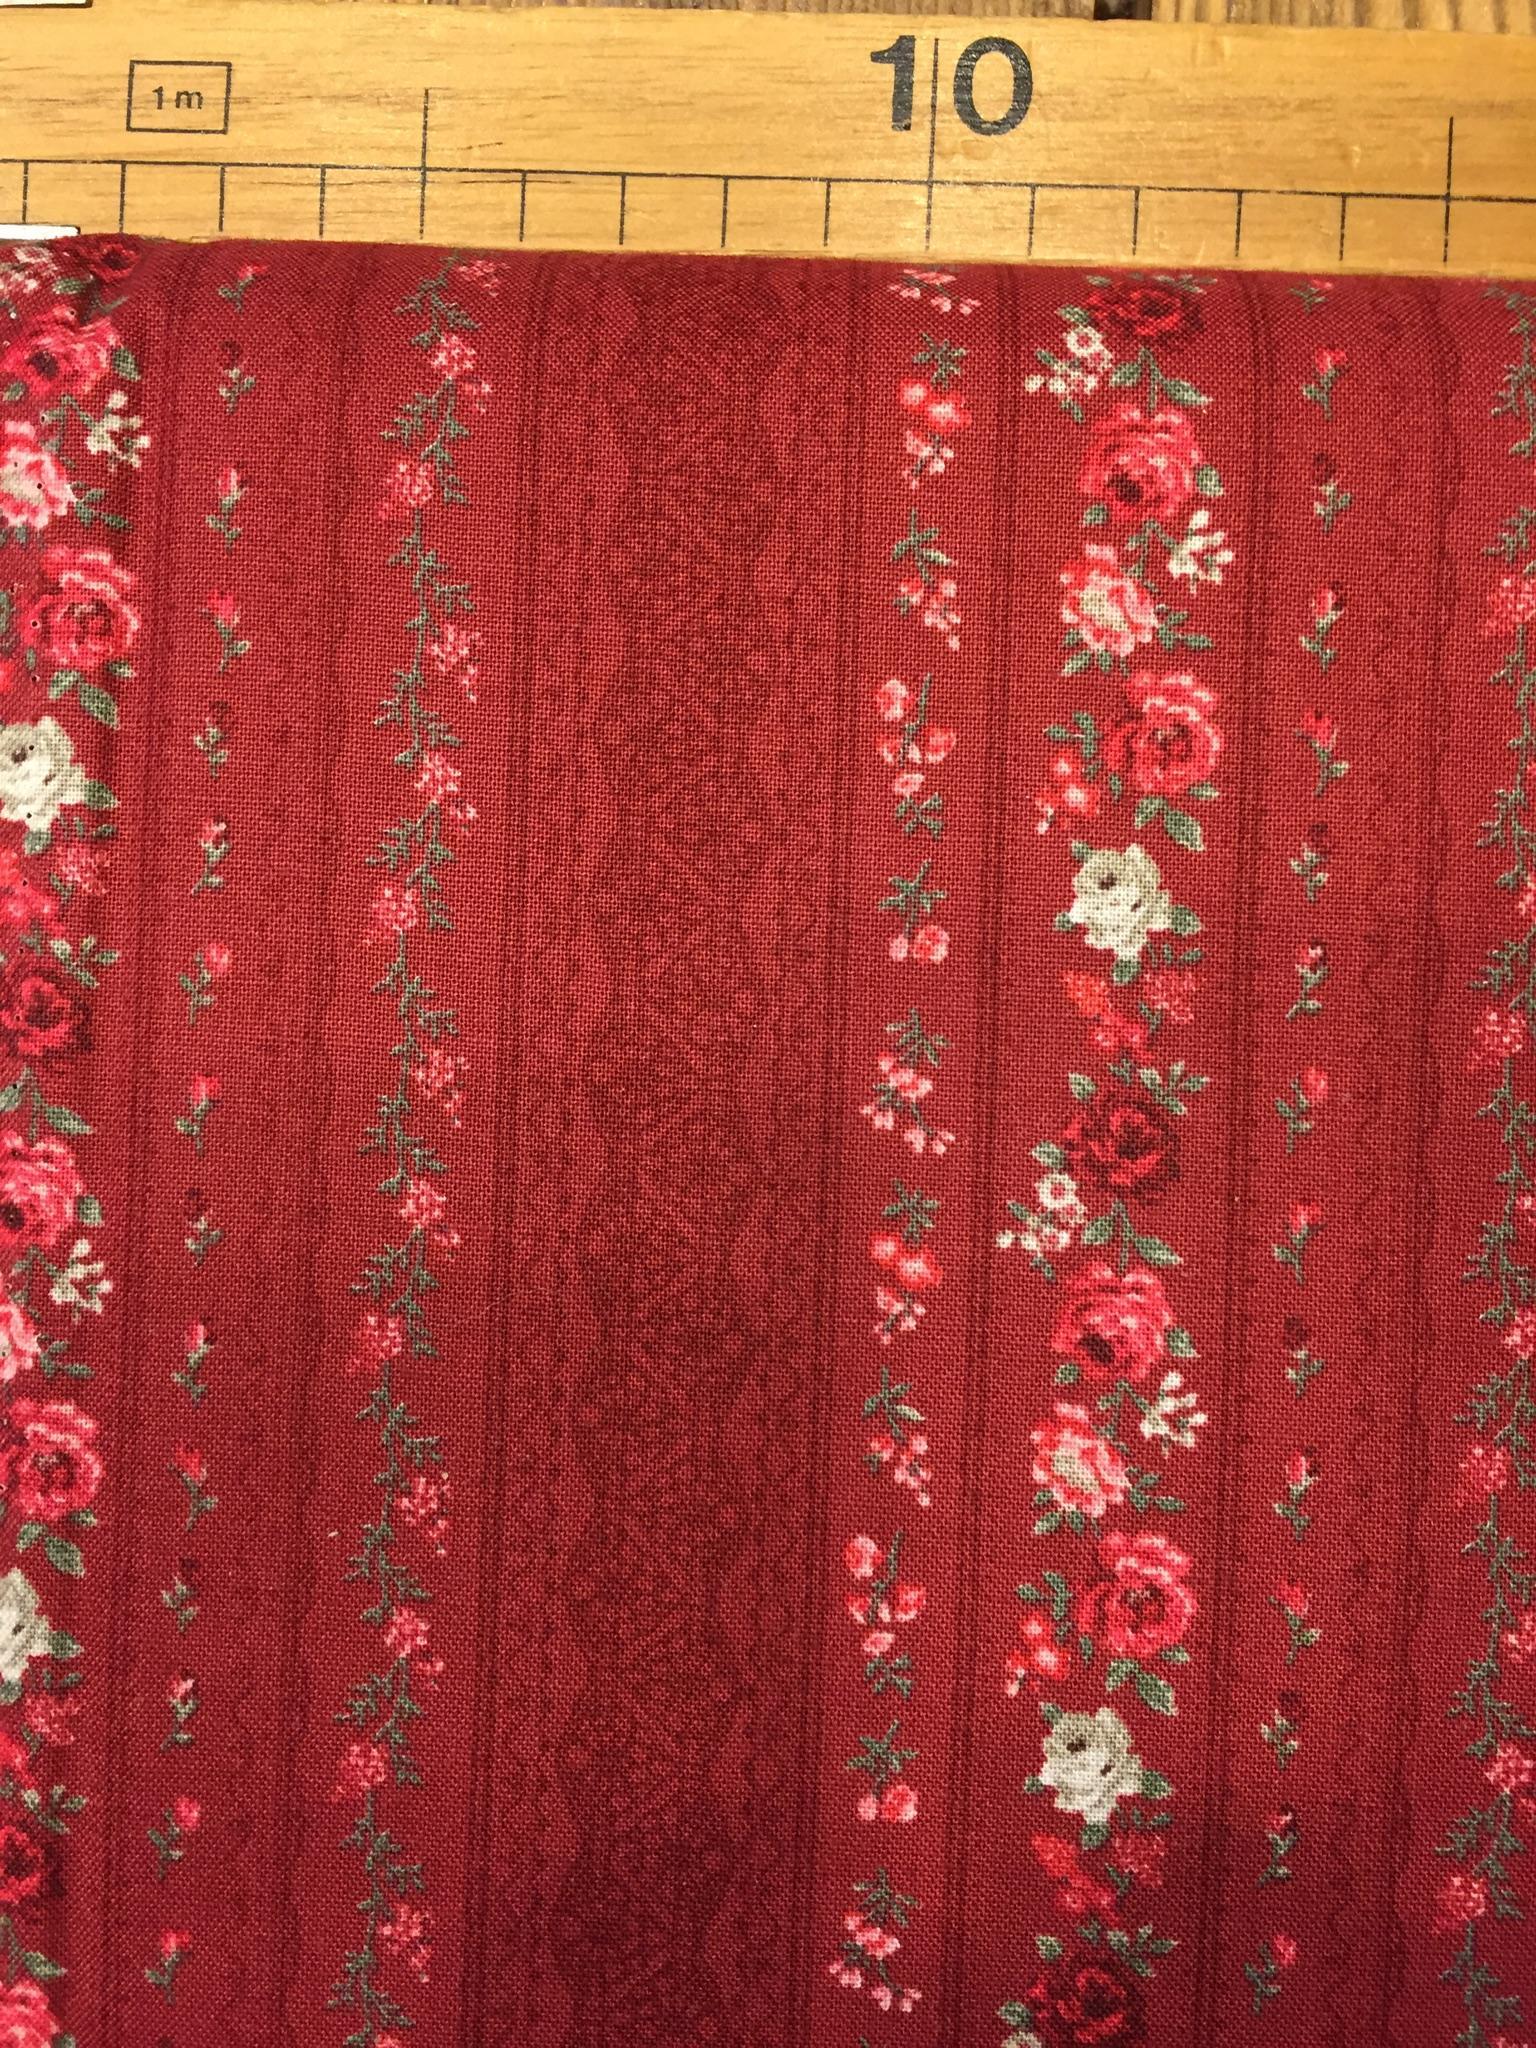 Tessuto americano fondo rosso bordeaux rigato con roselline